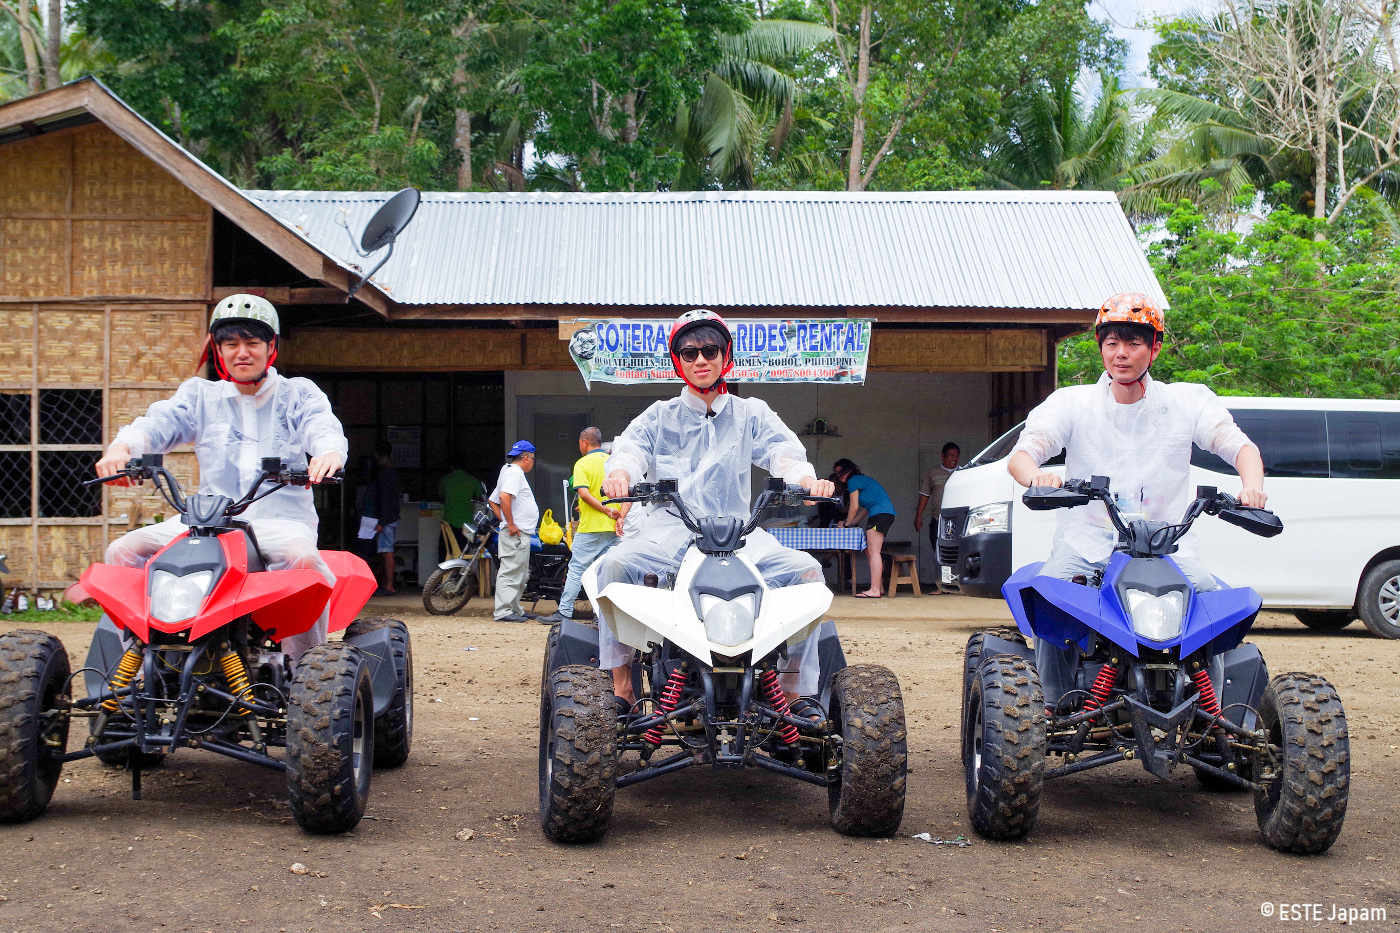 ボホール島ツアーでバギーをする男性3名